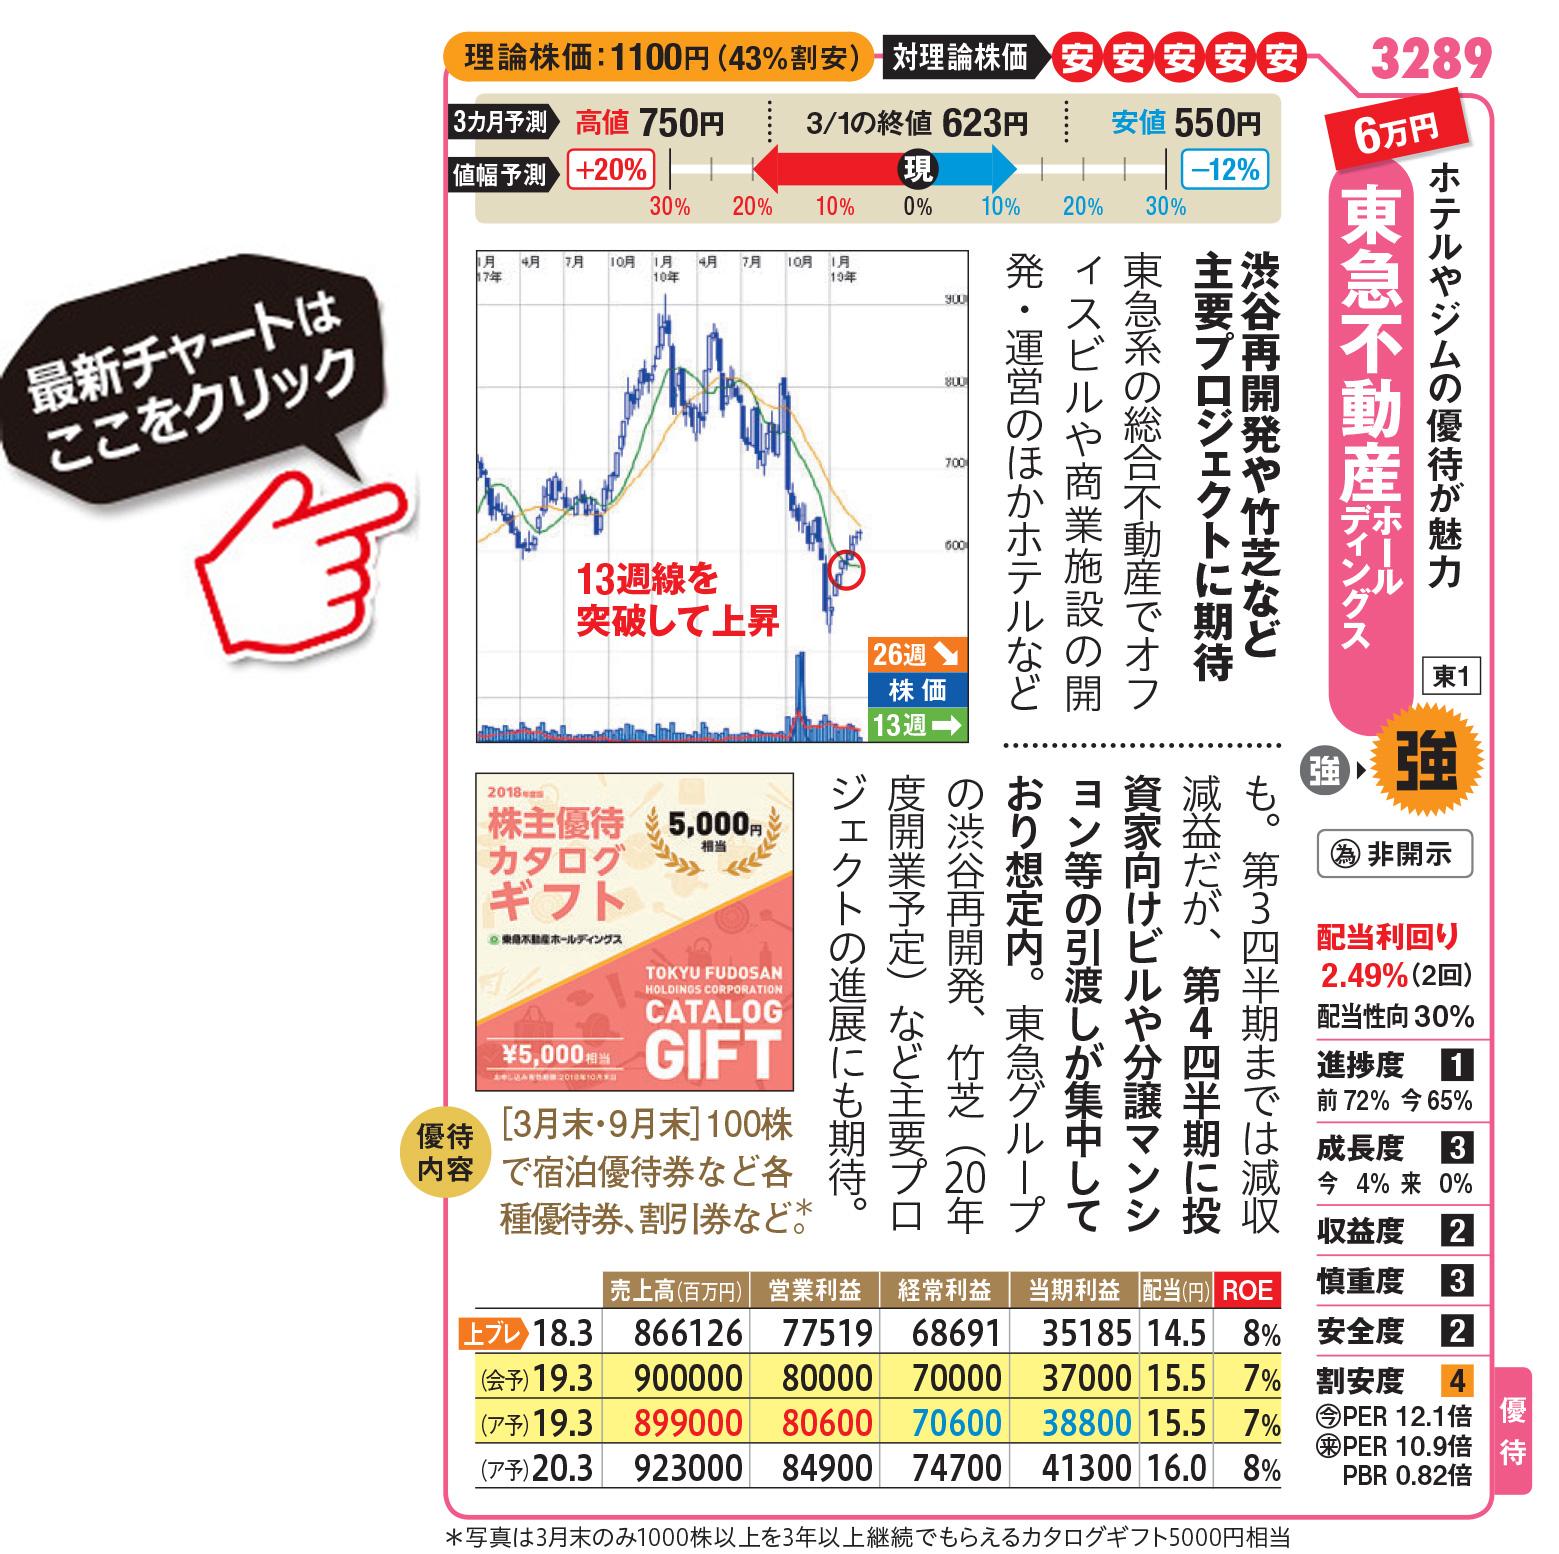 株価 東急 不動産